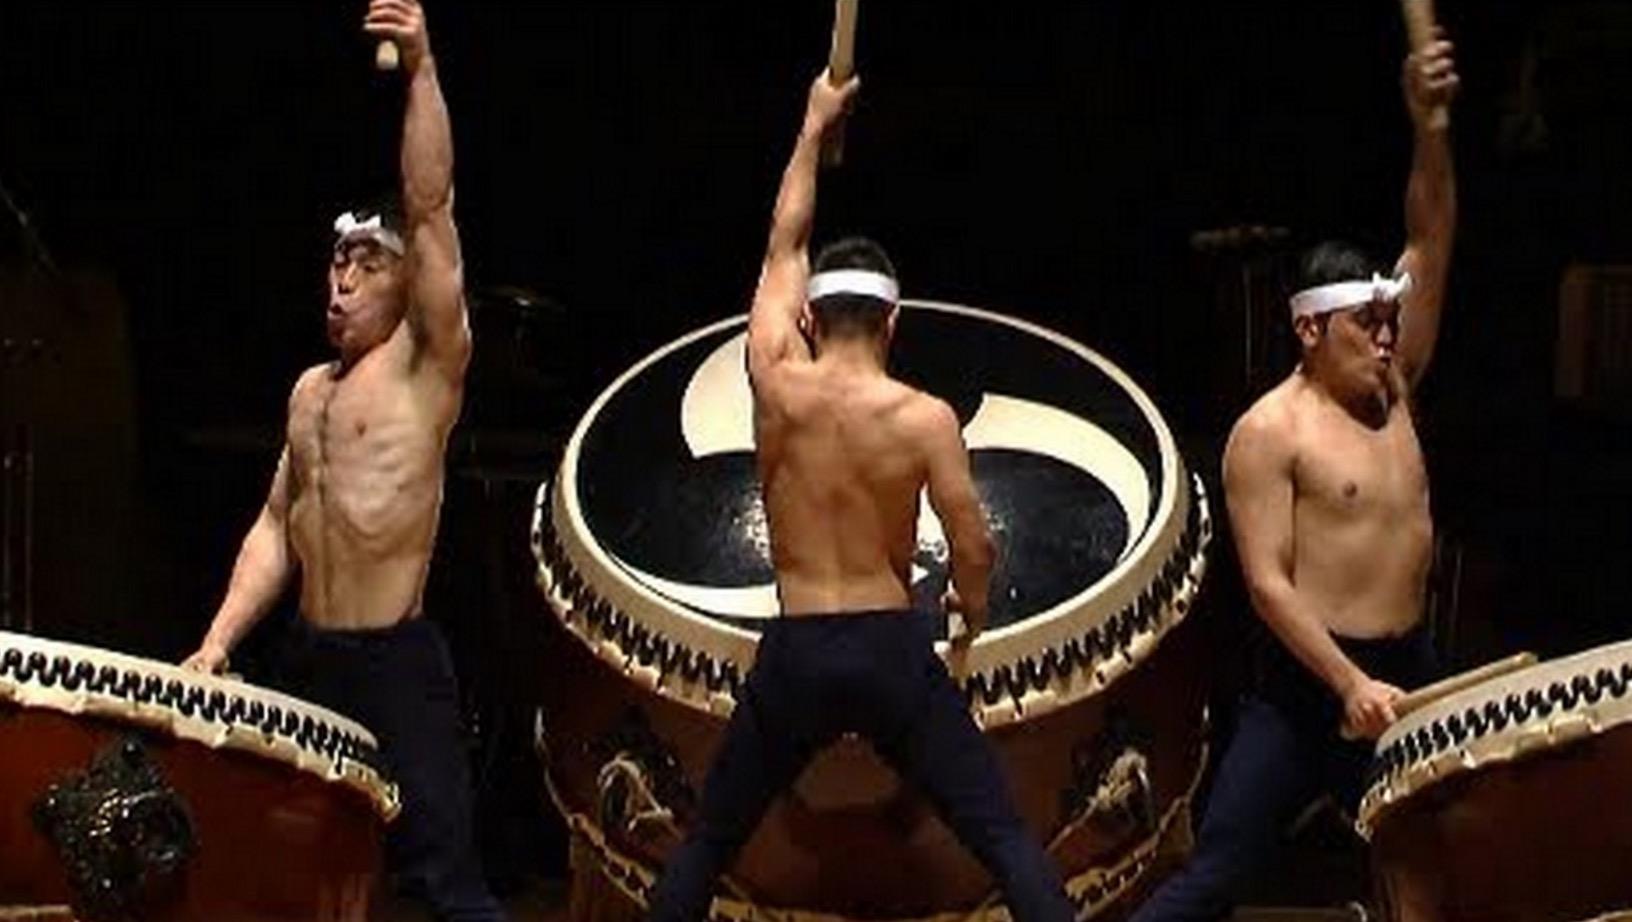 日本最高峰の和太鼓集団「鼓童」。海外で評価される、日本男児たちの「鼓動」に打ちのめされる!